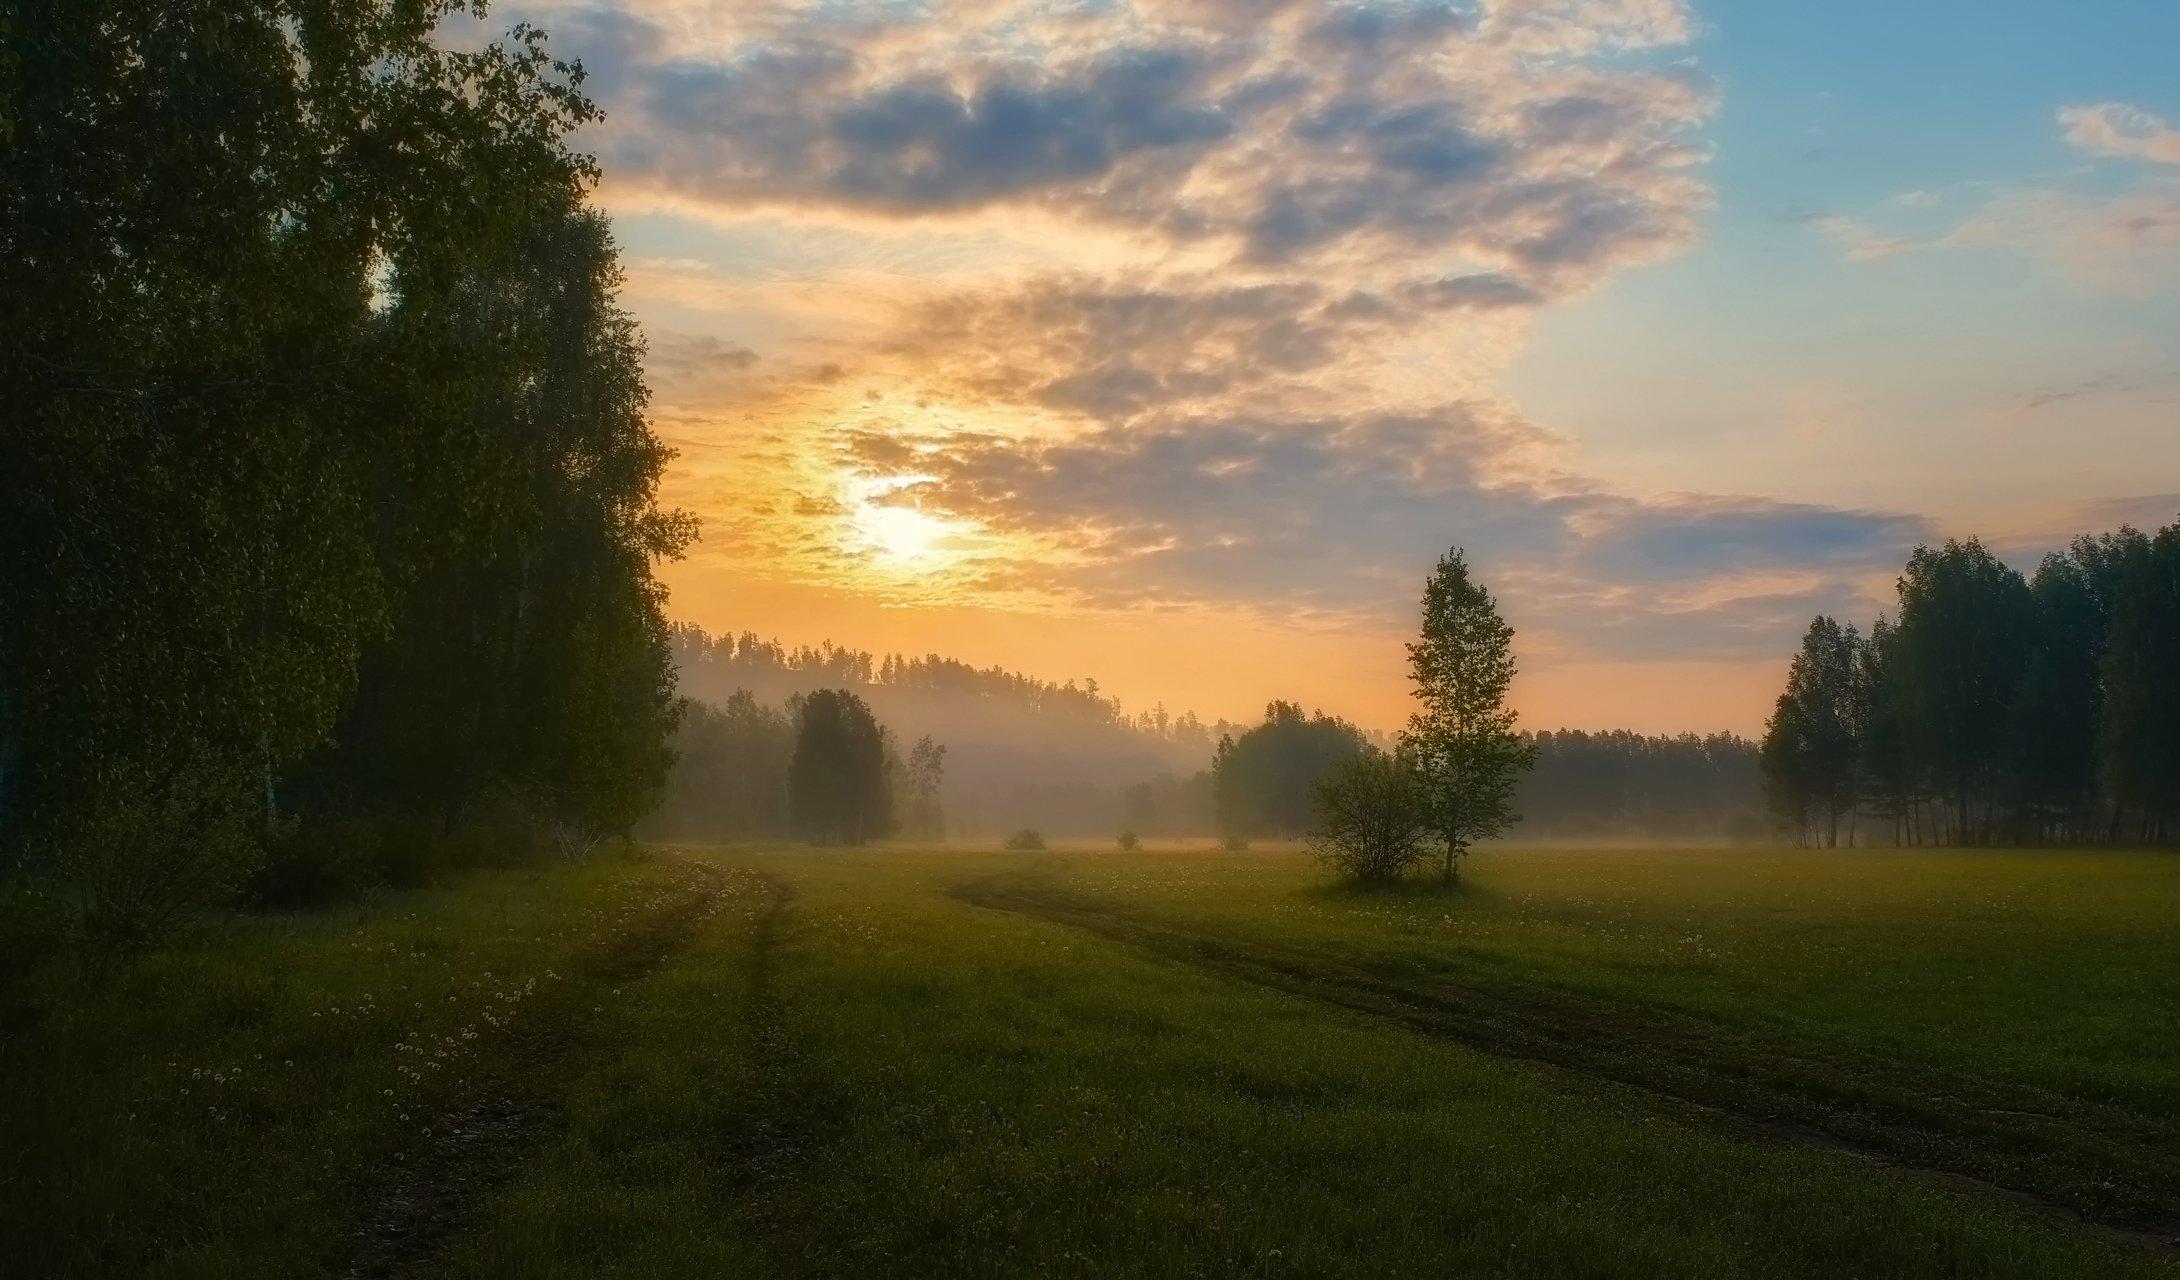 летнее утро,рассвет,луг,солнце,, Сергей